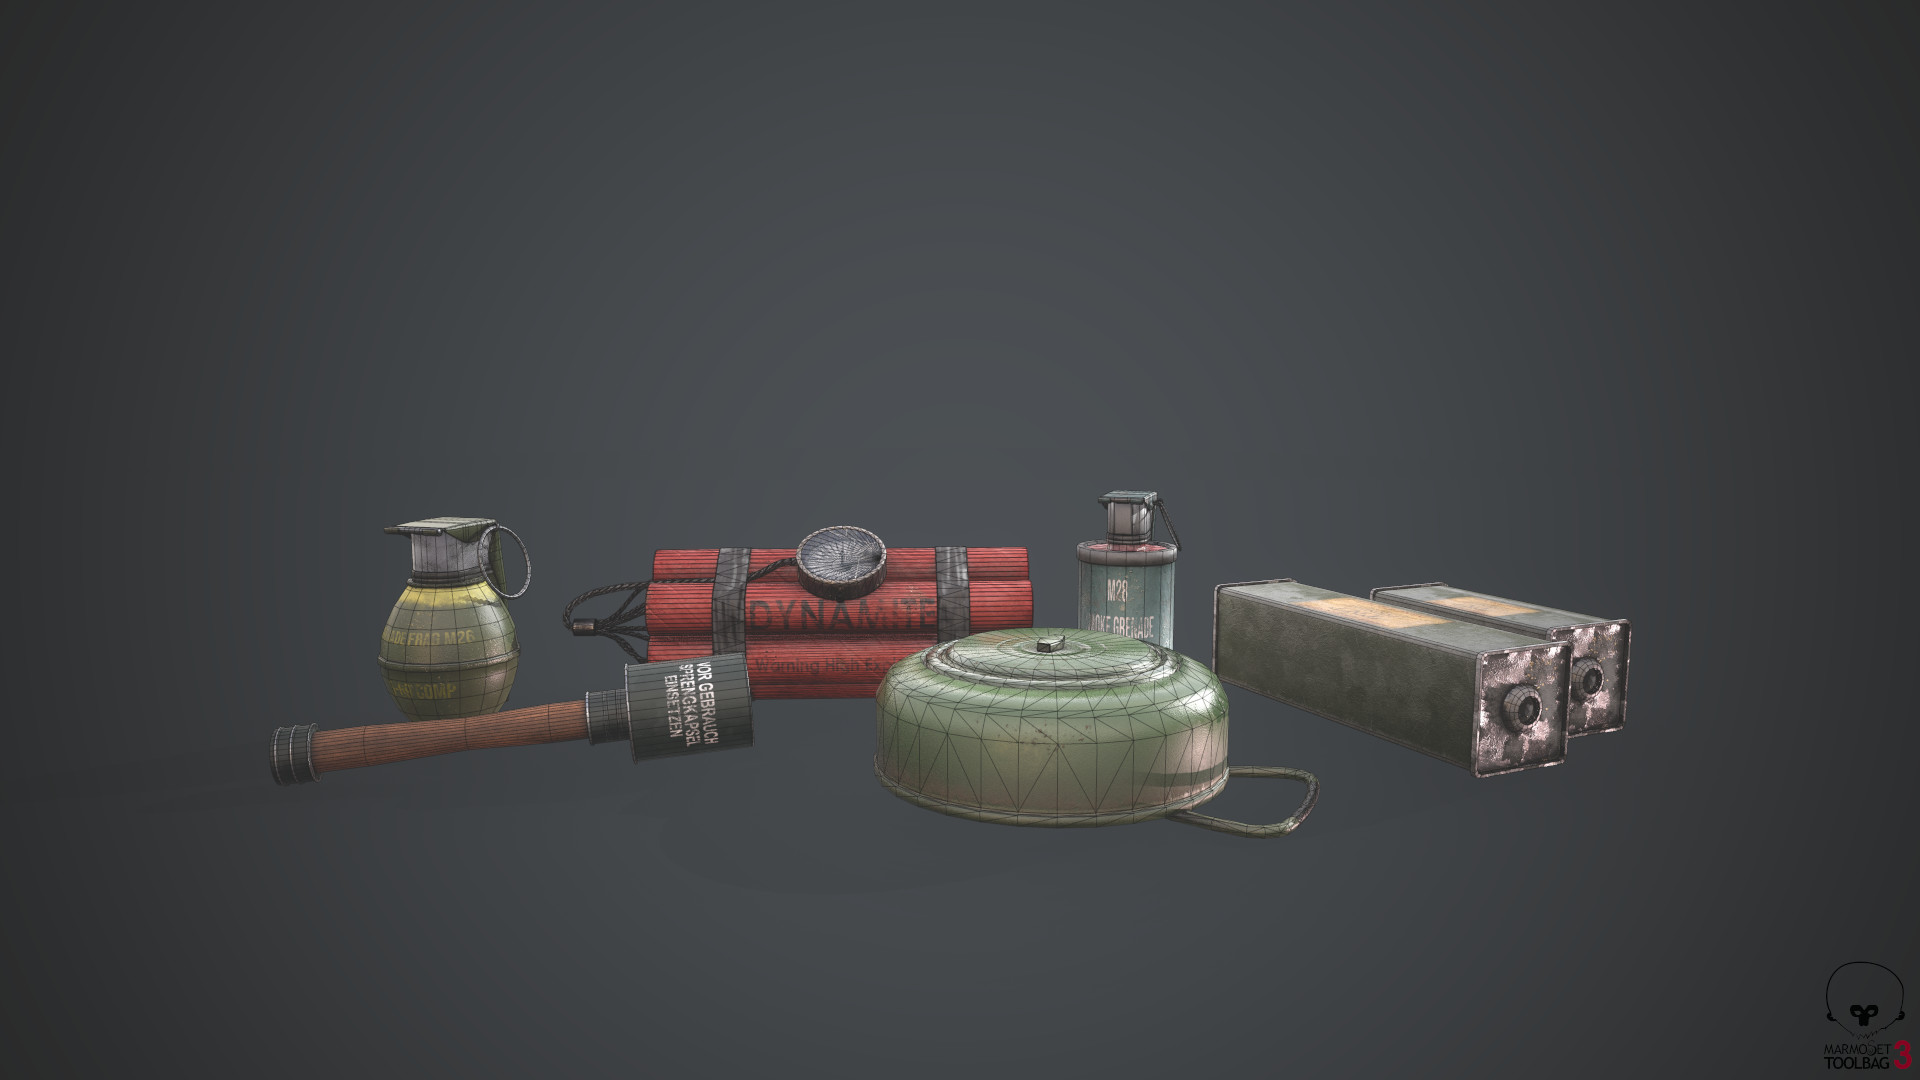 Serdar cendik miniexplosivewireframe